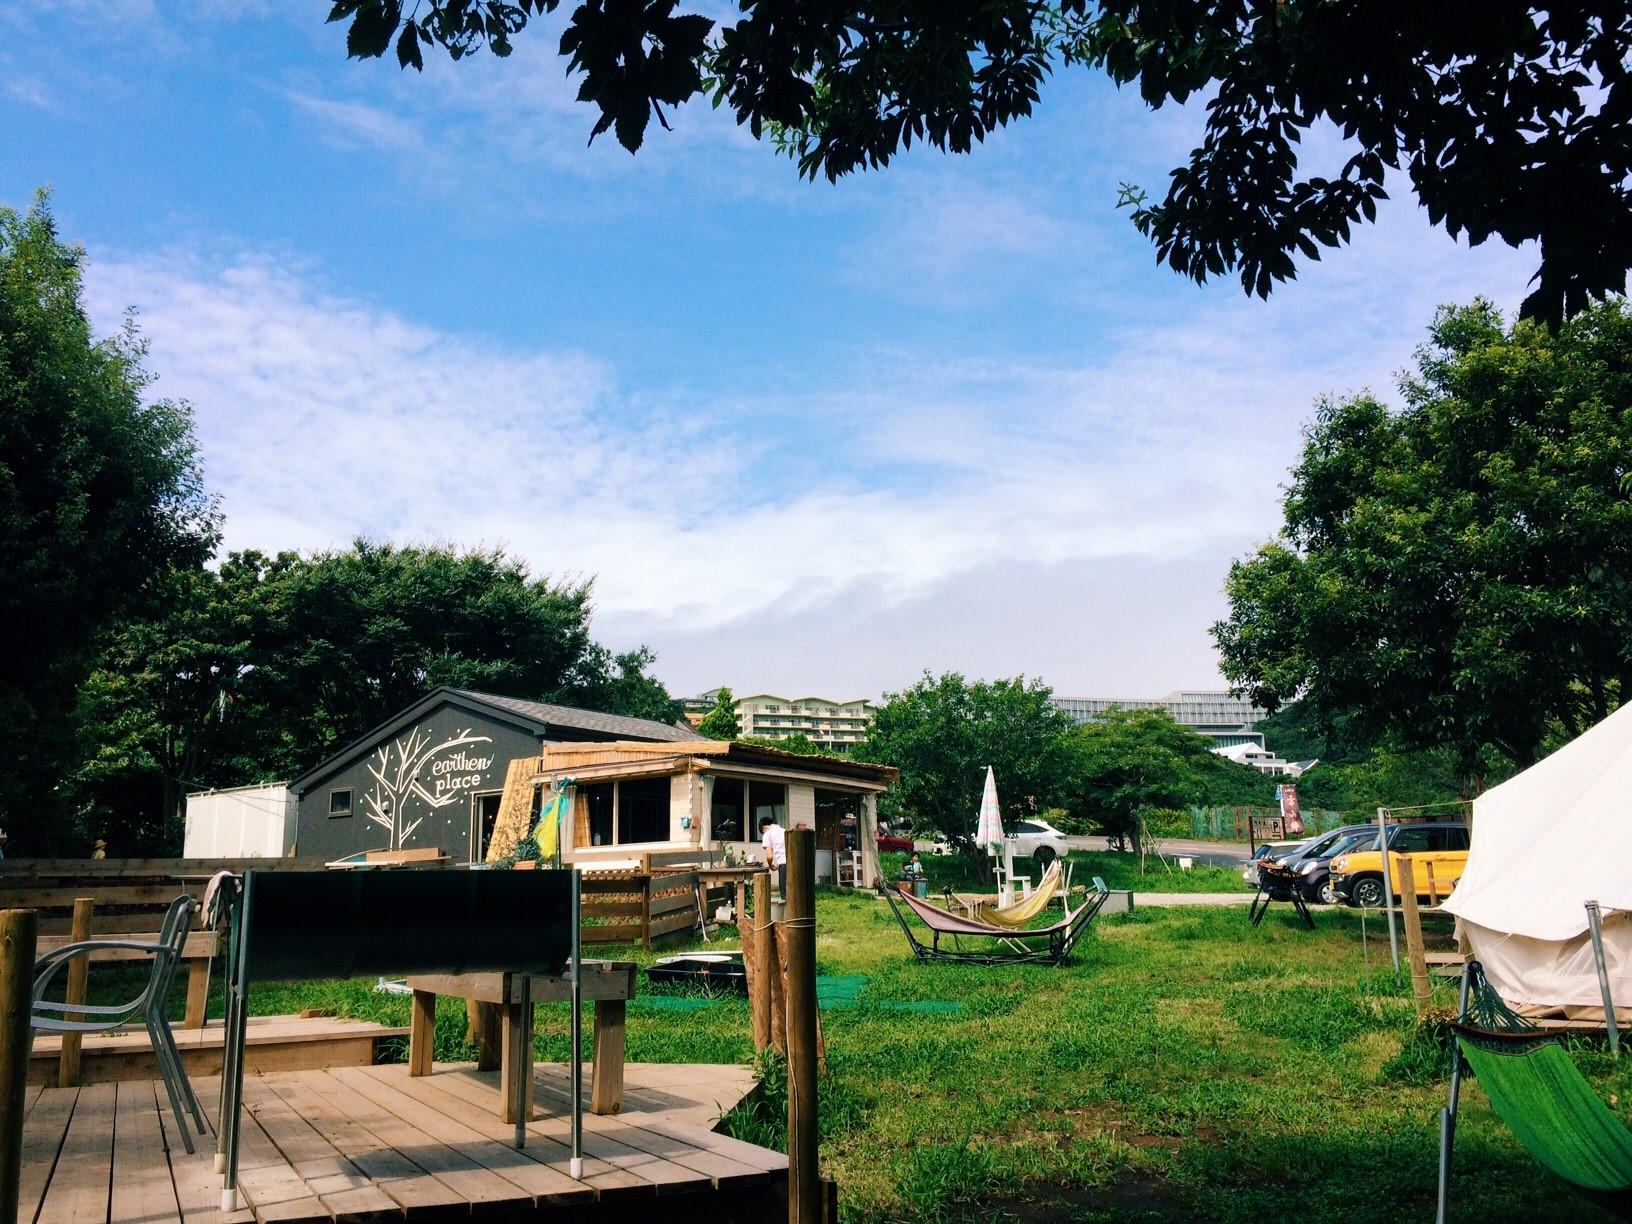 Q2_休日3人でドライブにでかける葉山のドックラン付のカフェ